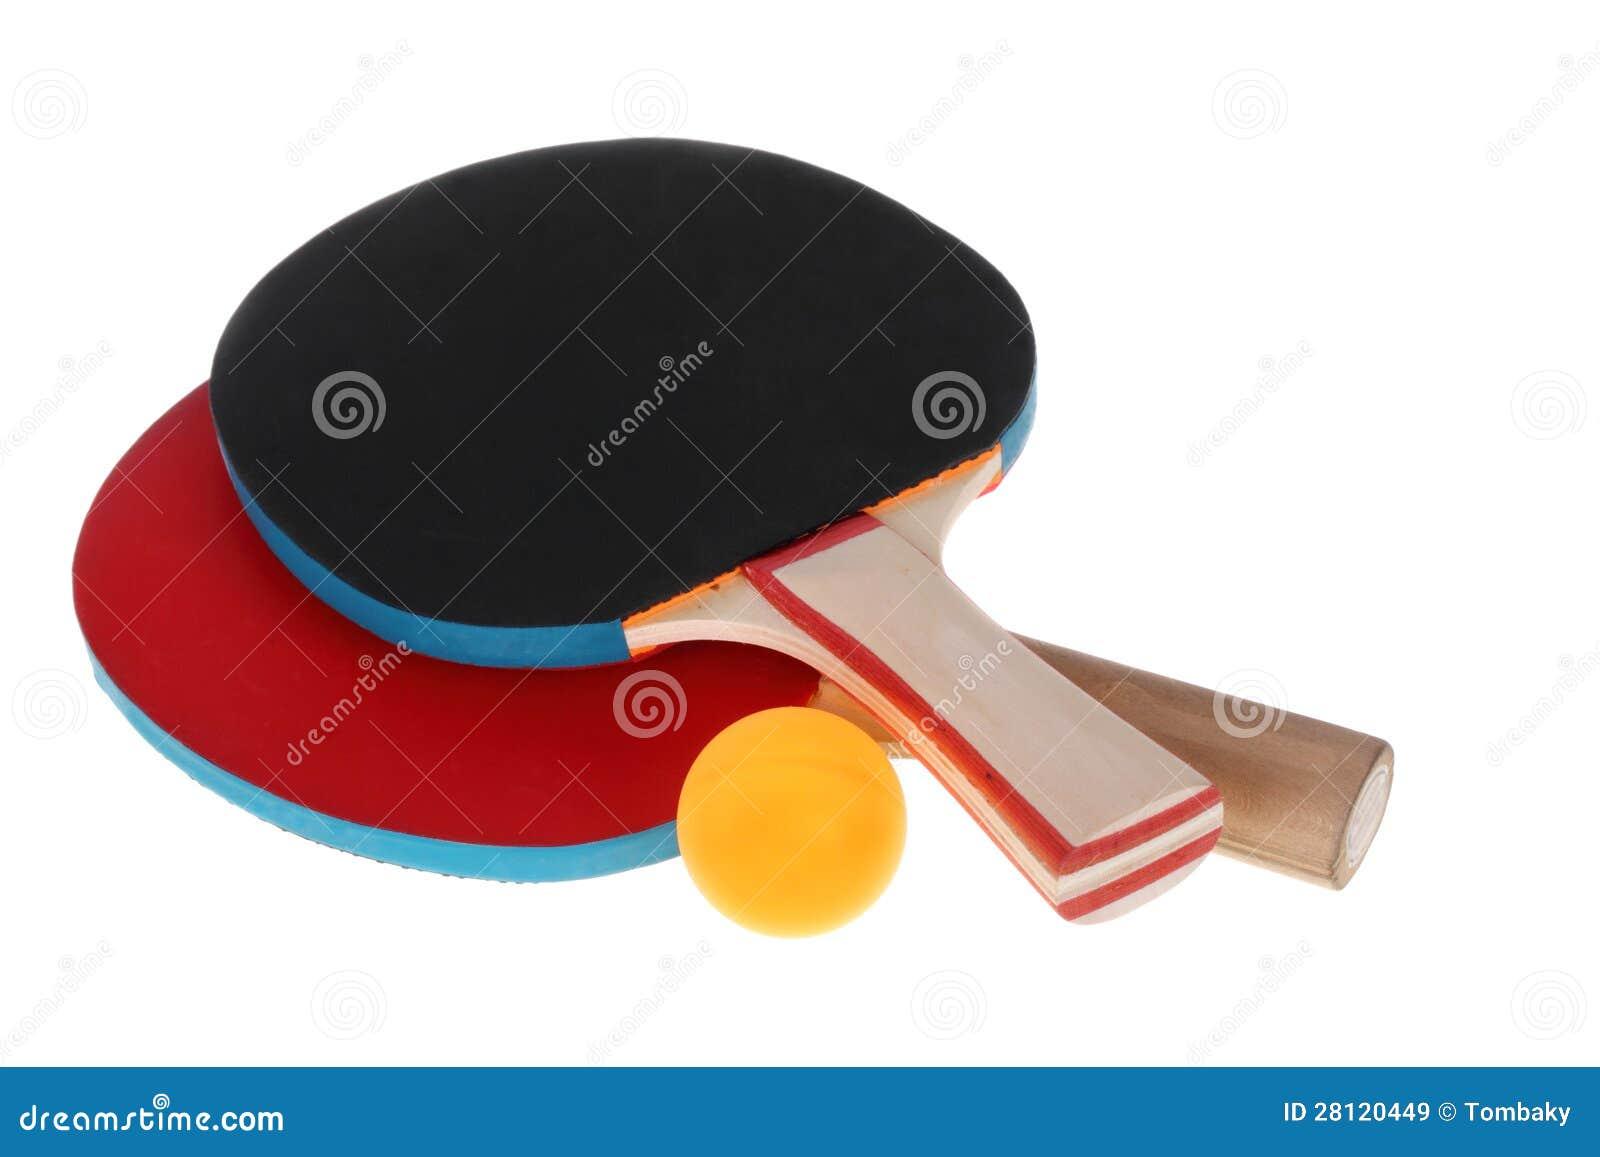 乒乓球球拍和球图片